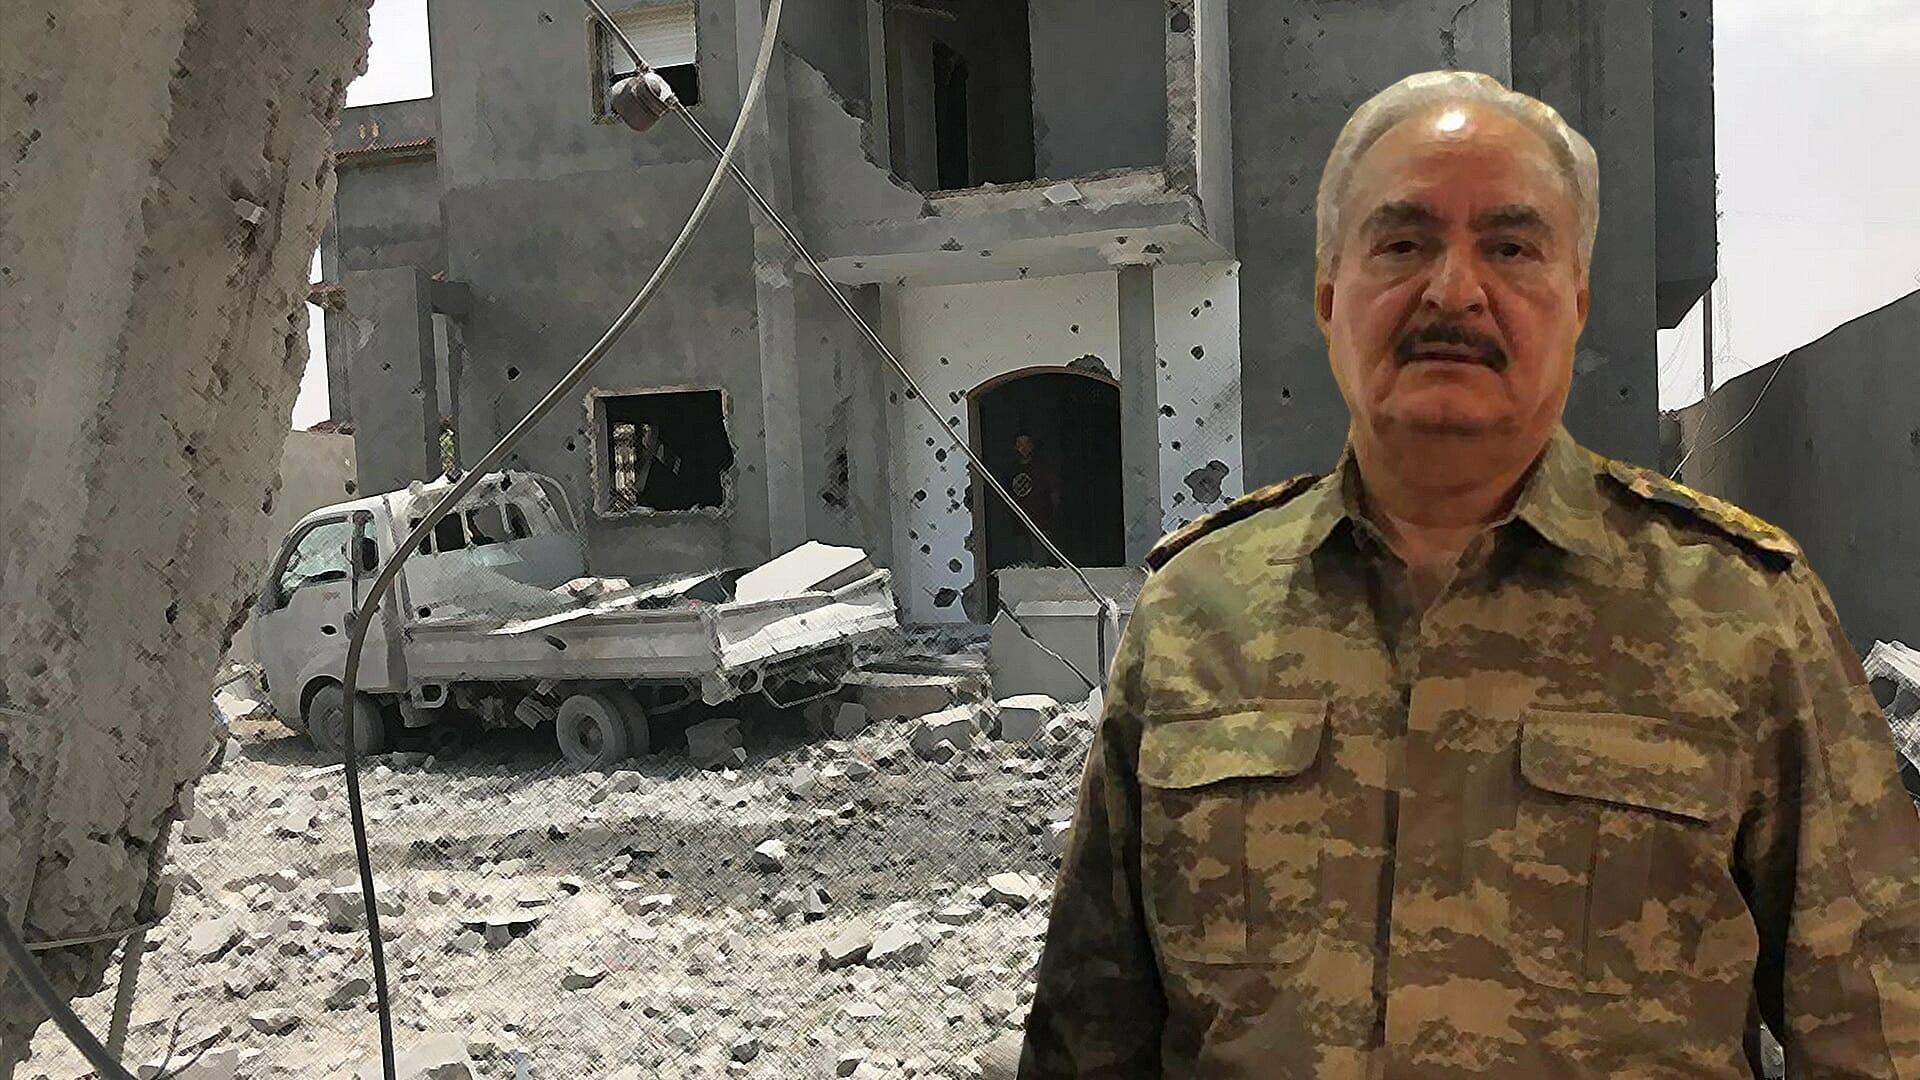 """أول فيديو لاقتحام قاعدة """"تمنهنت"""".. هروب جماعي لجنود حفتر بعد سقوط قتلى منهم واغتنام أسلحتهم"""